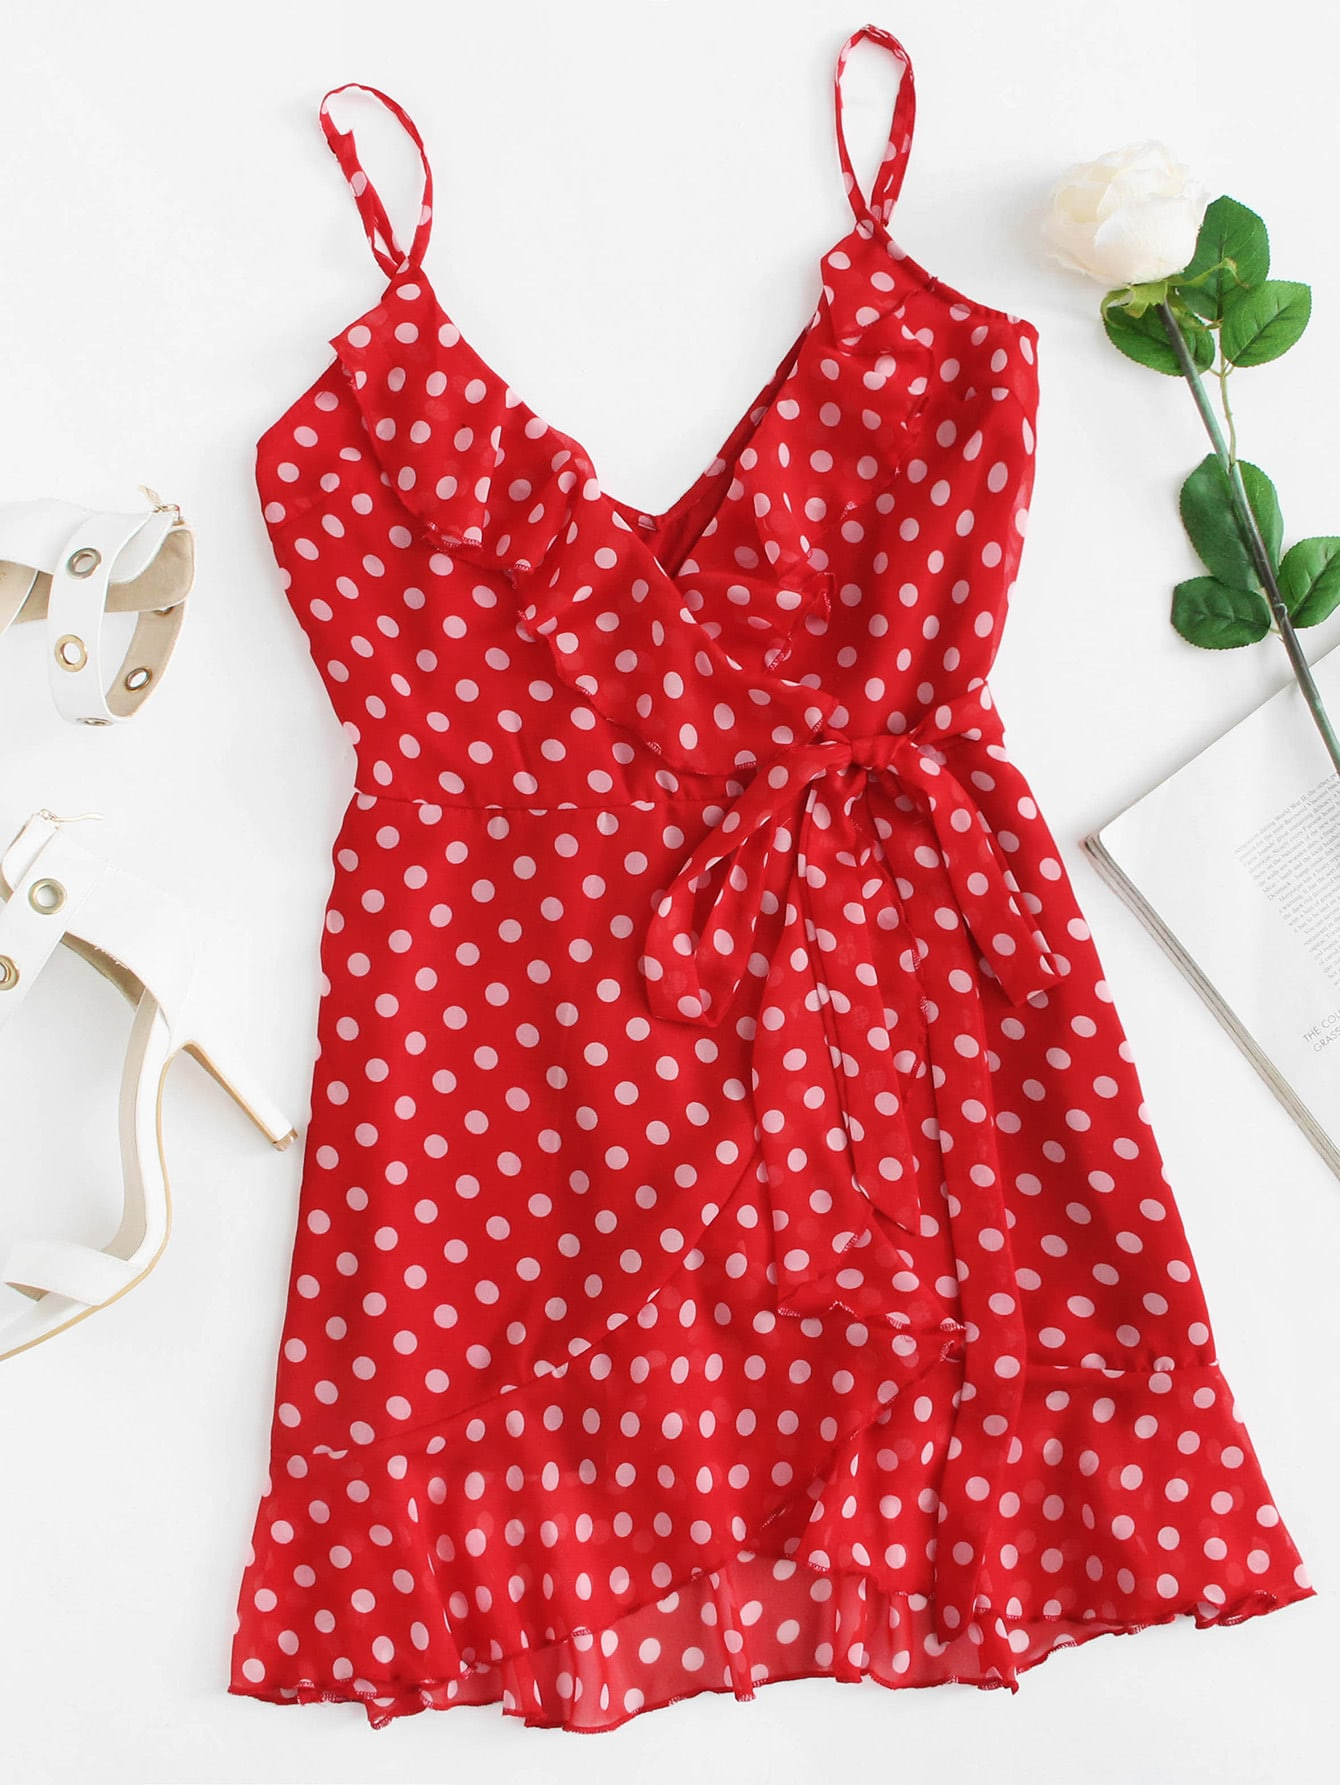 Ruffle Trim Polka Dot Cami Dress layered ruffle polka dot cami dress